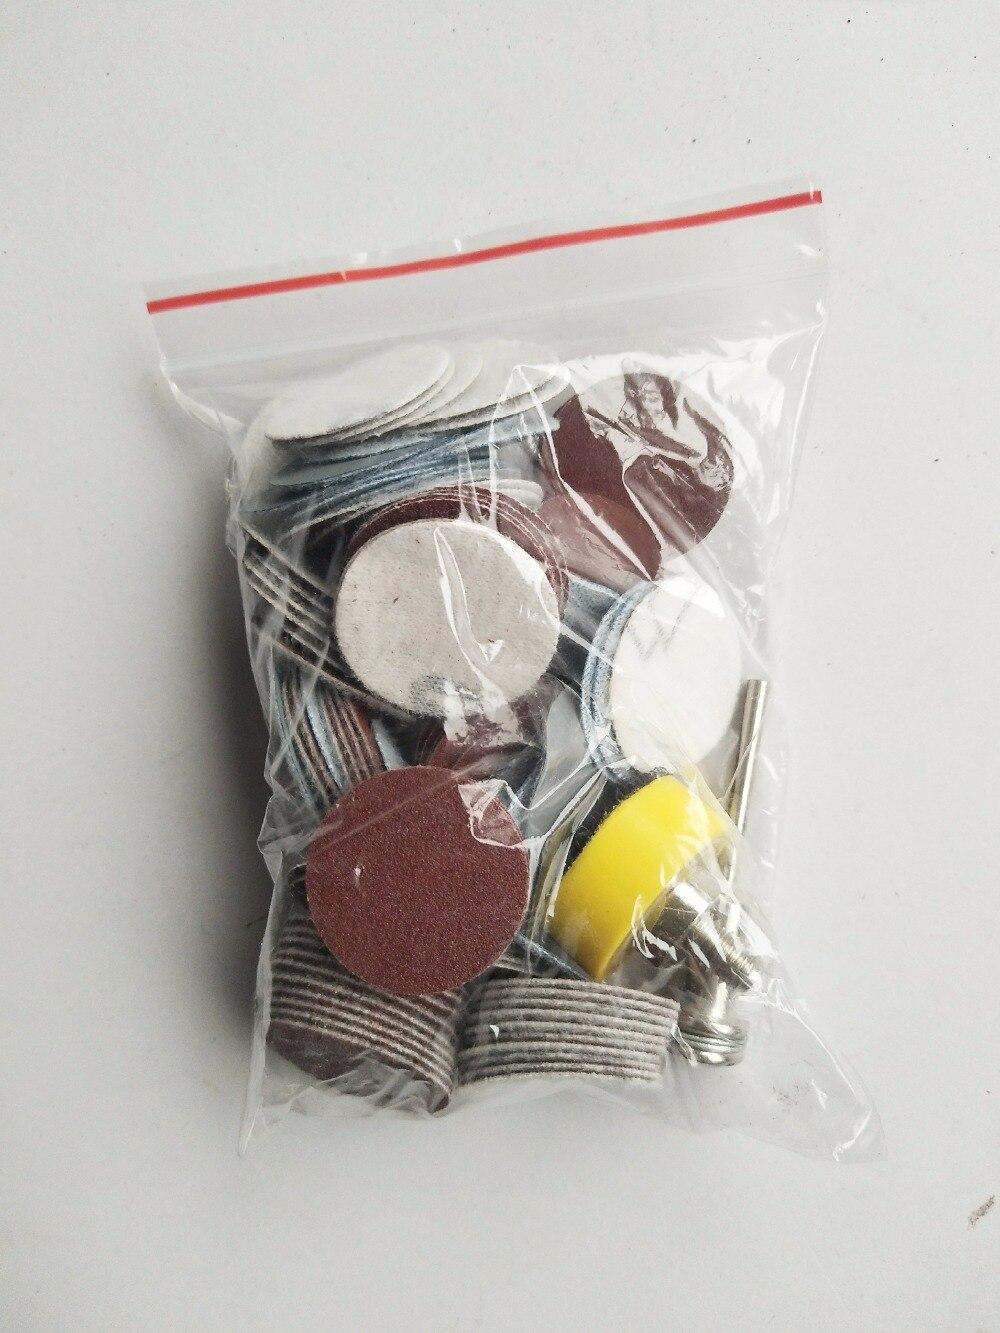 Discos de lijado de alta calidad de 100 piezas de 25 mm + placa de - Herramientas abrasivas - foto 4